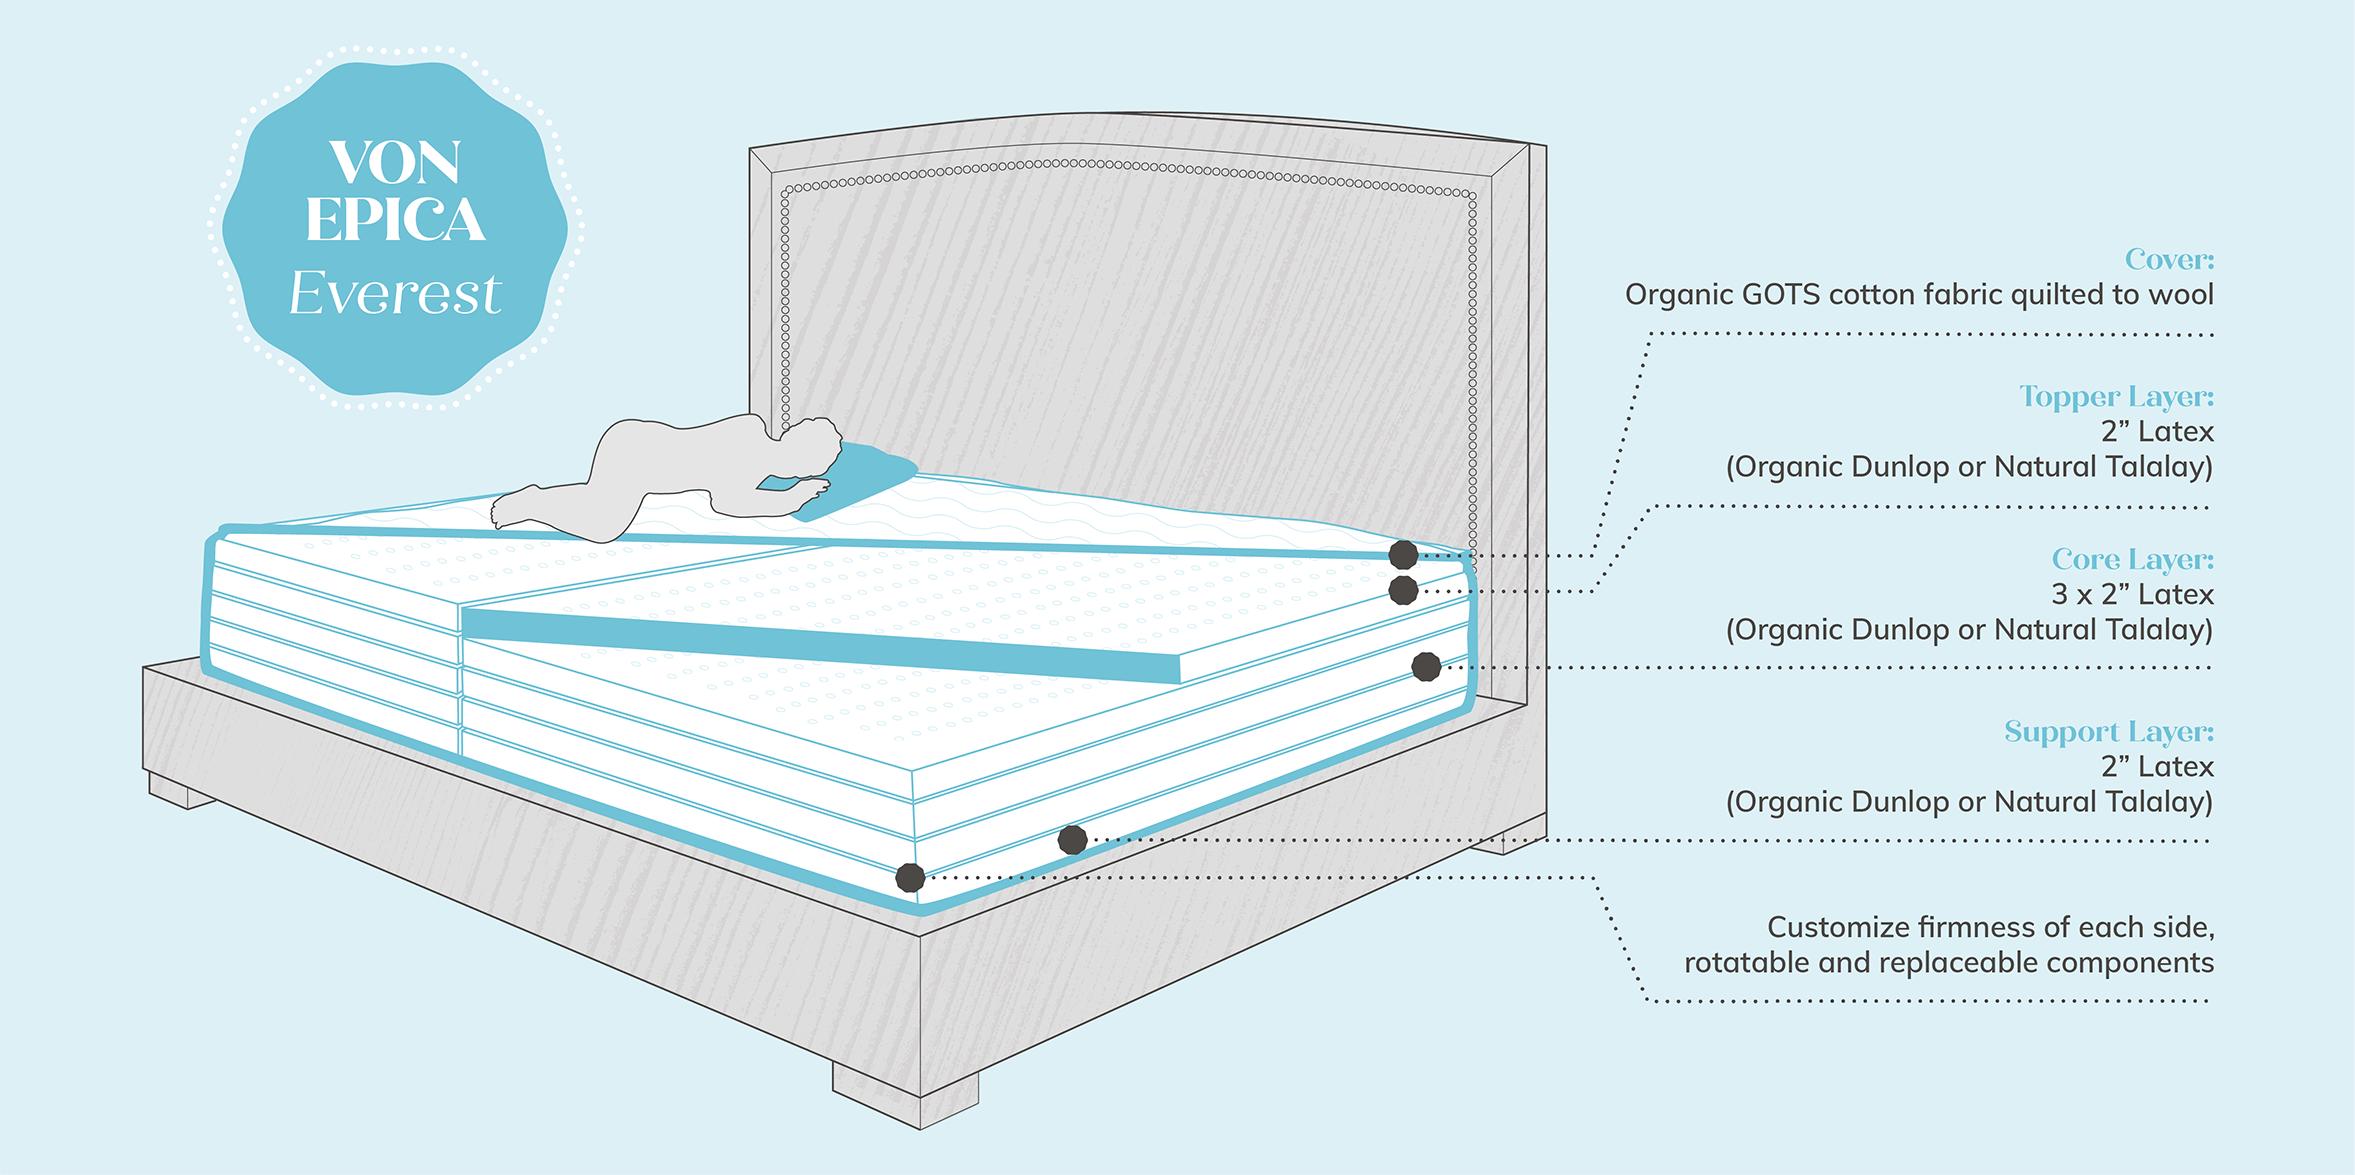 Oversized Mattress Diagram - Von Epica Everest